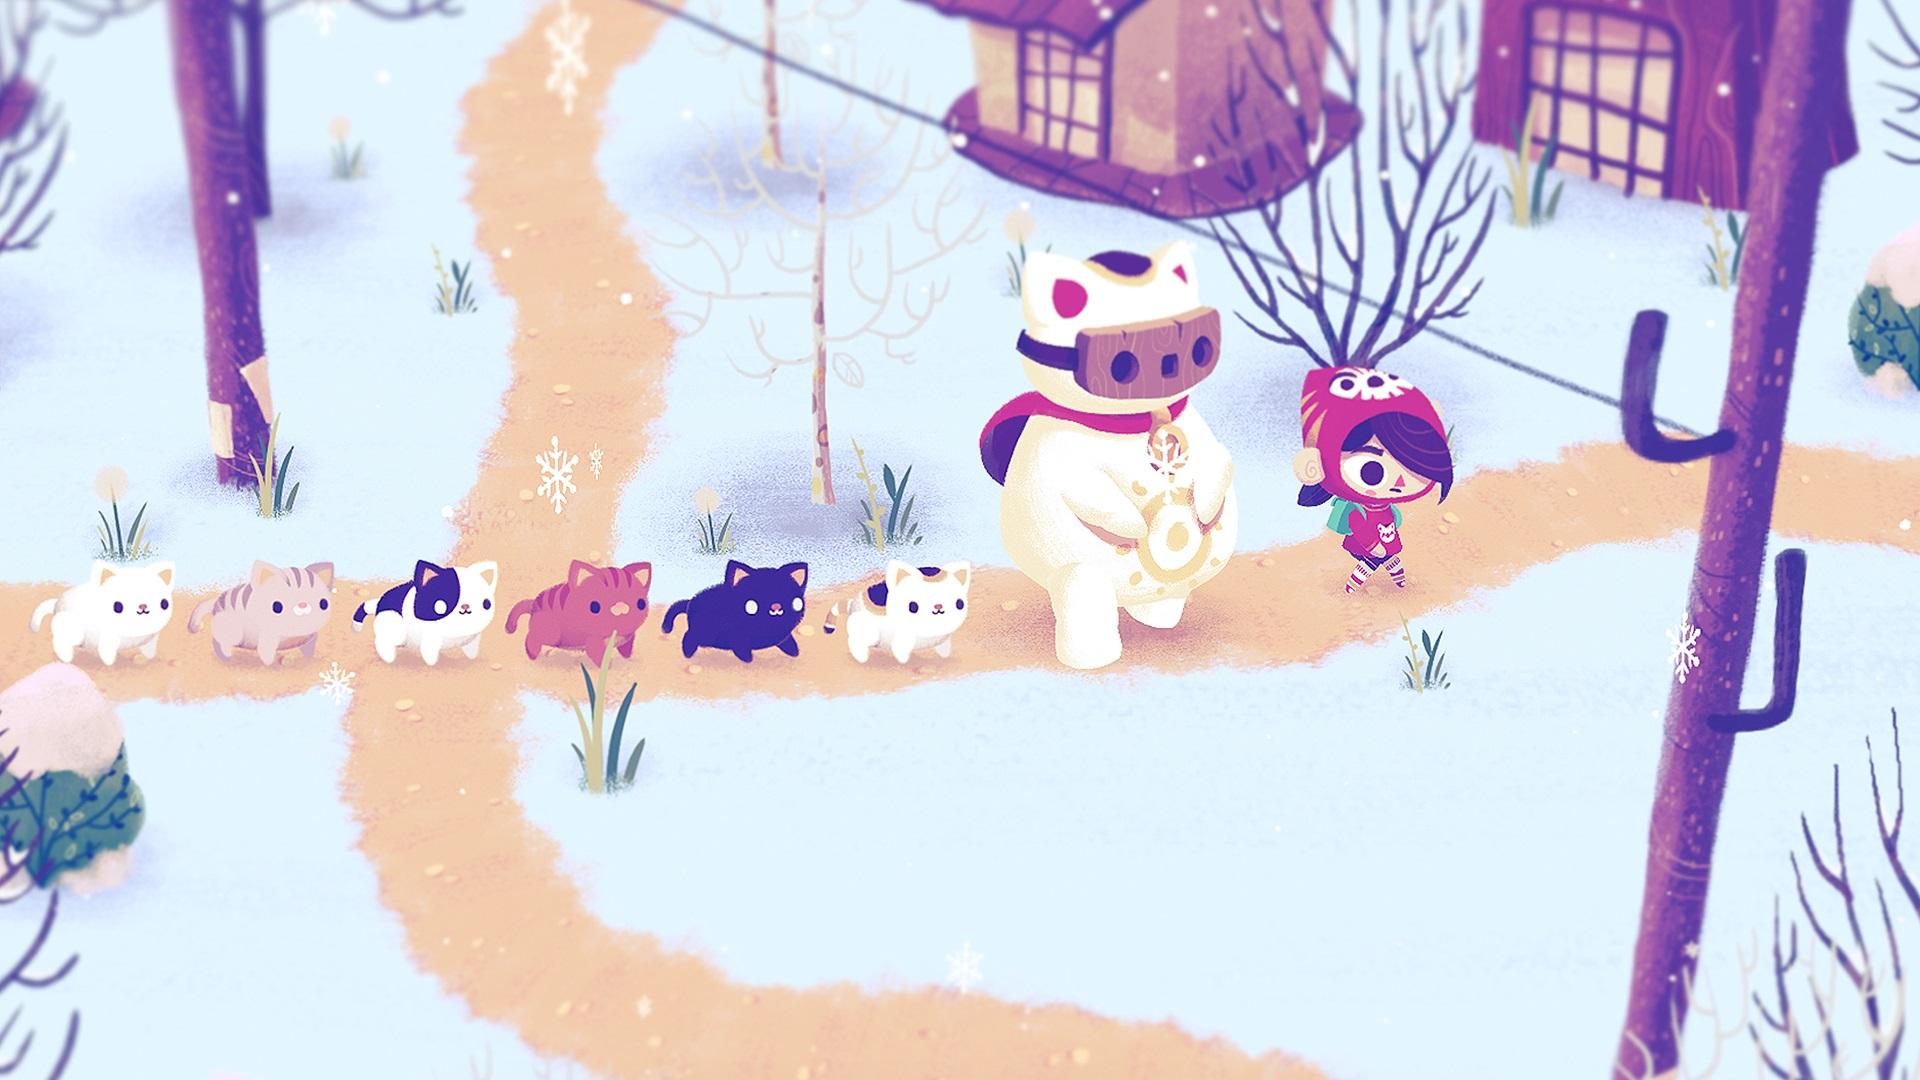 Mineko's Night Market, Meowza Games, Indie Game, Harvest Moon, Animal Crossing